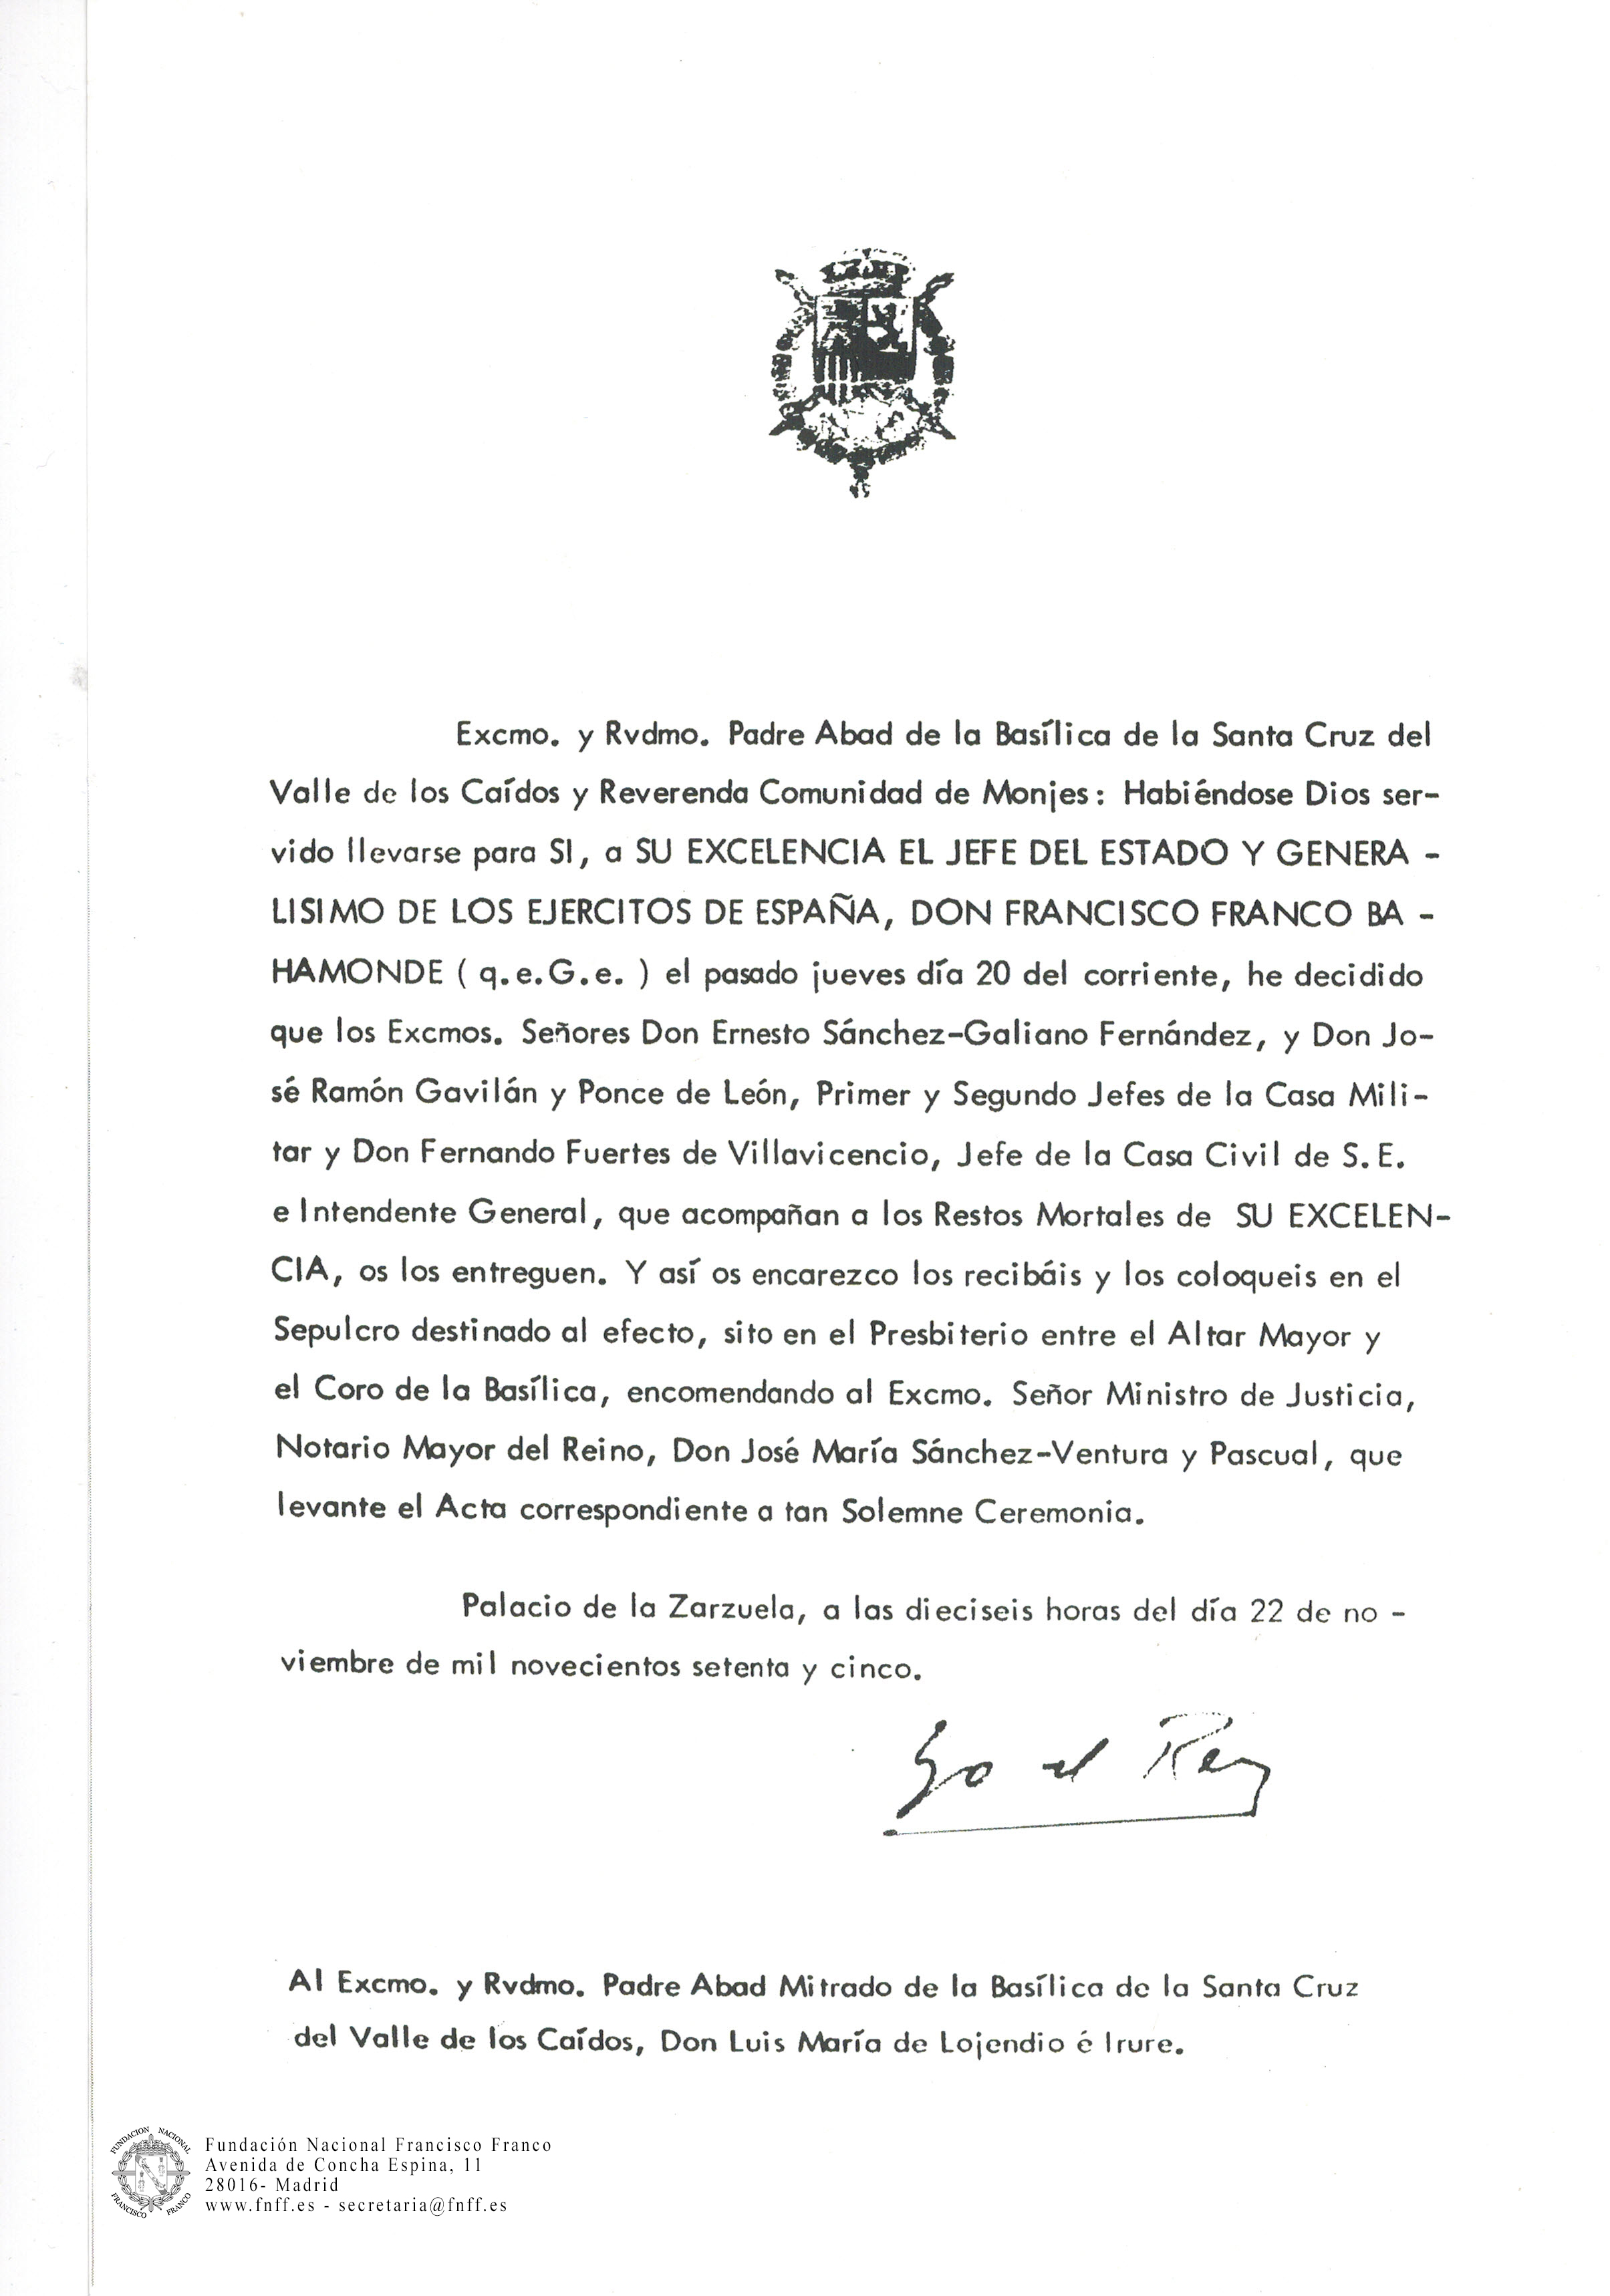 Carta_del_Rey_pidiendo_enterrar_a_Franco_en_el_Valle